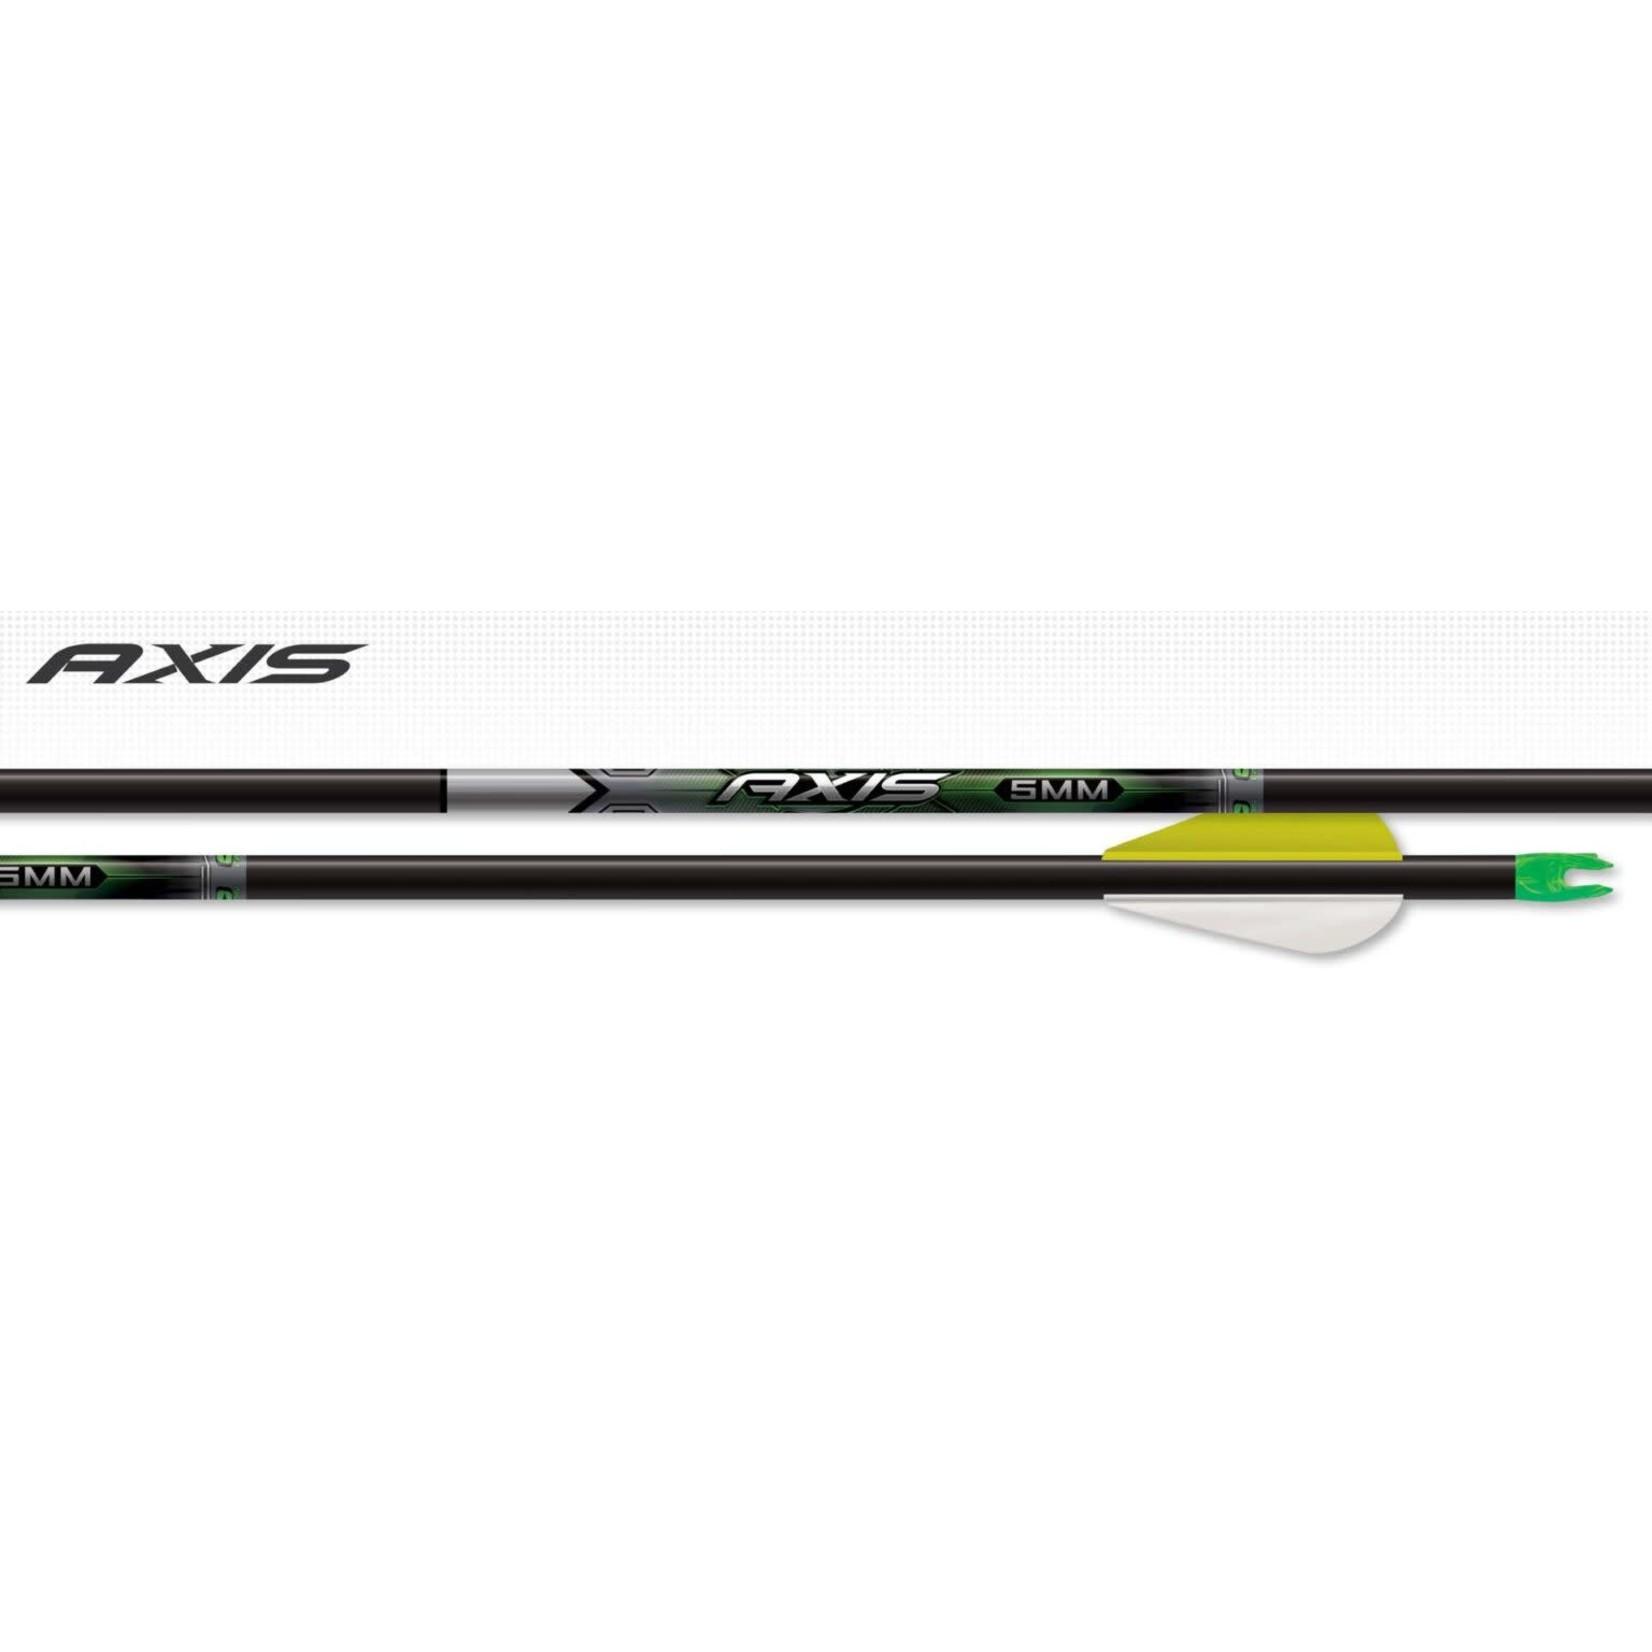 Easton Easton Axis  5mm Arrows 340 (1/2 doz)